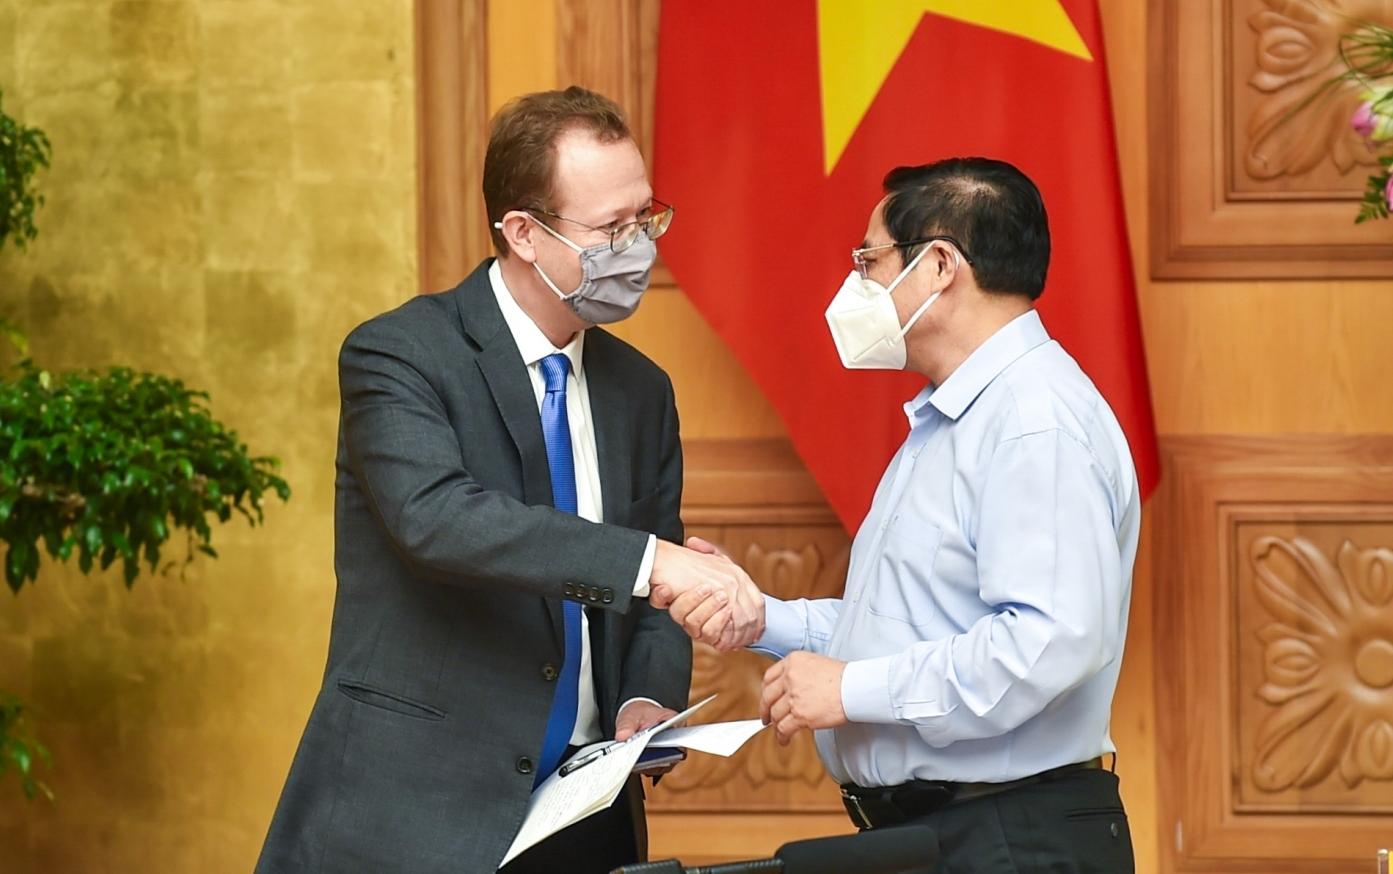 Thủ tướng tiếp Đại biện lâm thời Đại sứ quán Hoa Kỳ và đại diện cộng đồng DN Hoa Kỳ tại Việt Nam